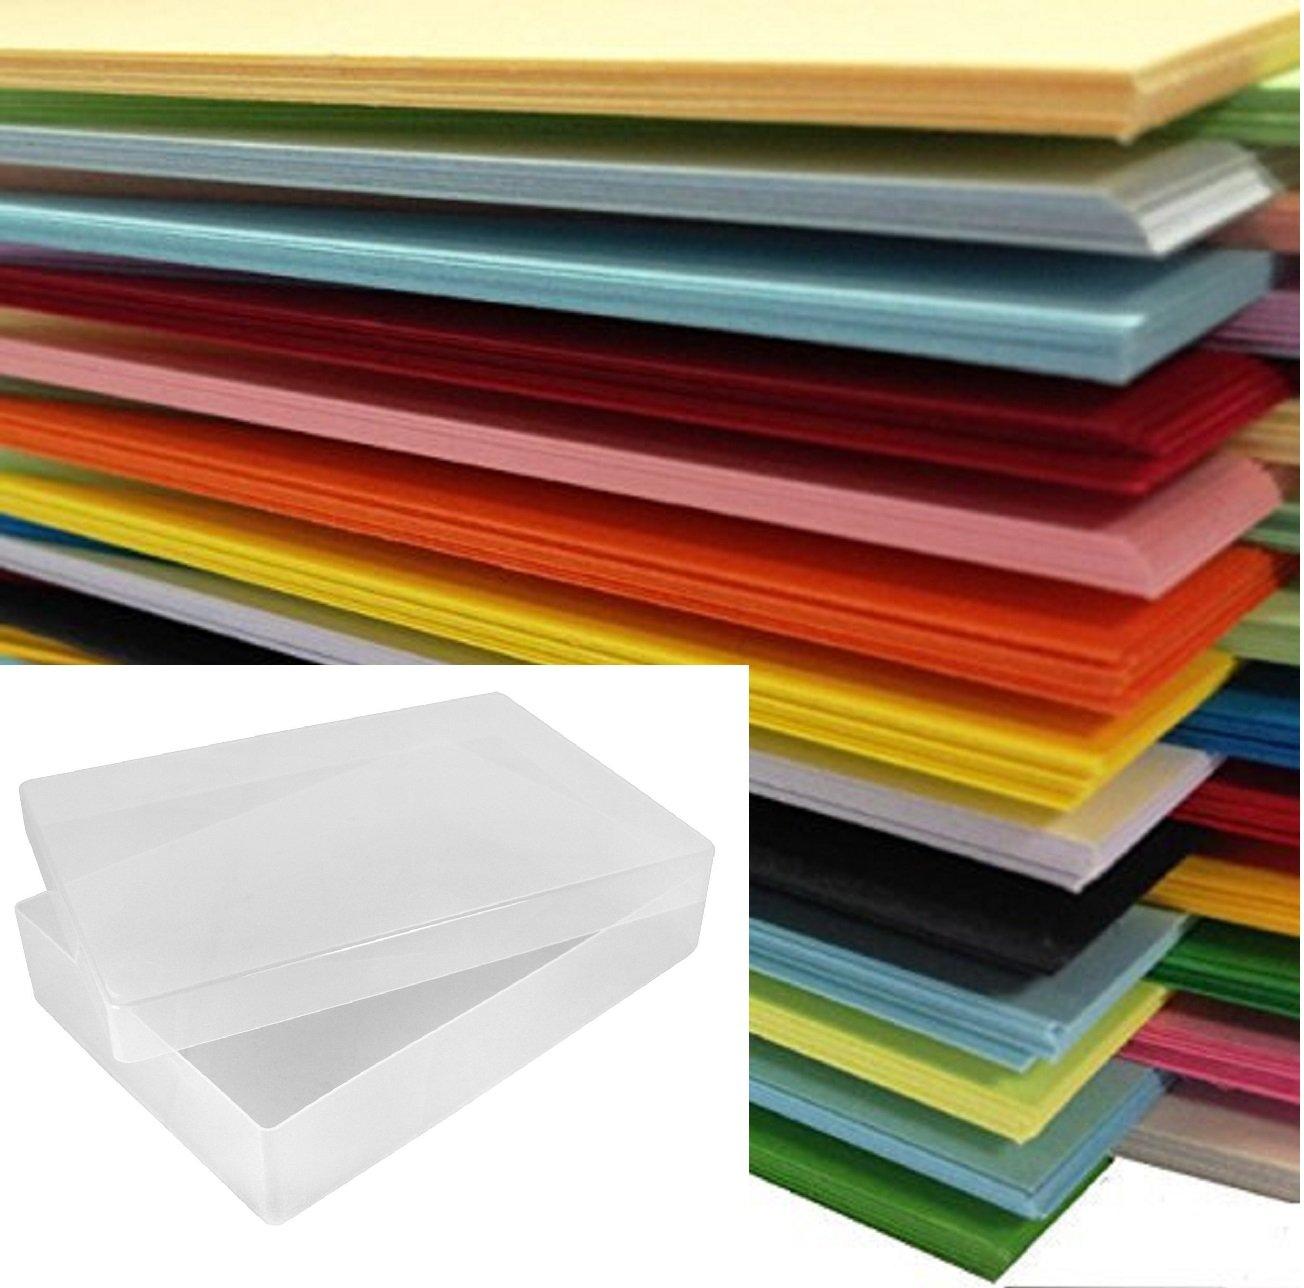 Dalton Maron Risma da 500 fogli di carta colorata, in formato A4, confezionata in scatola di plastica trasparente Weston®, disponibili in 25 colori assortiti DALTON MANOR